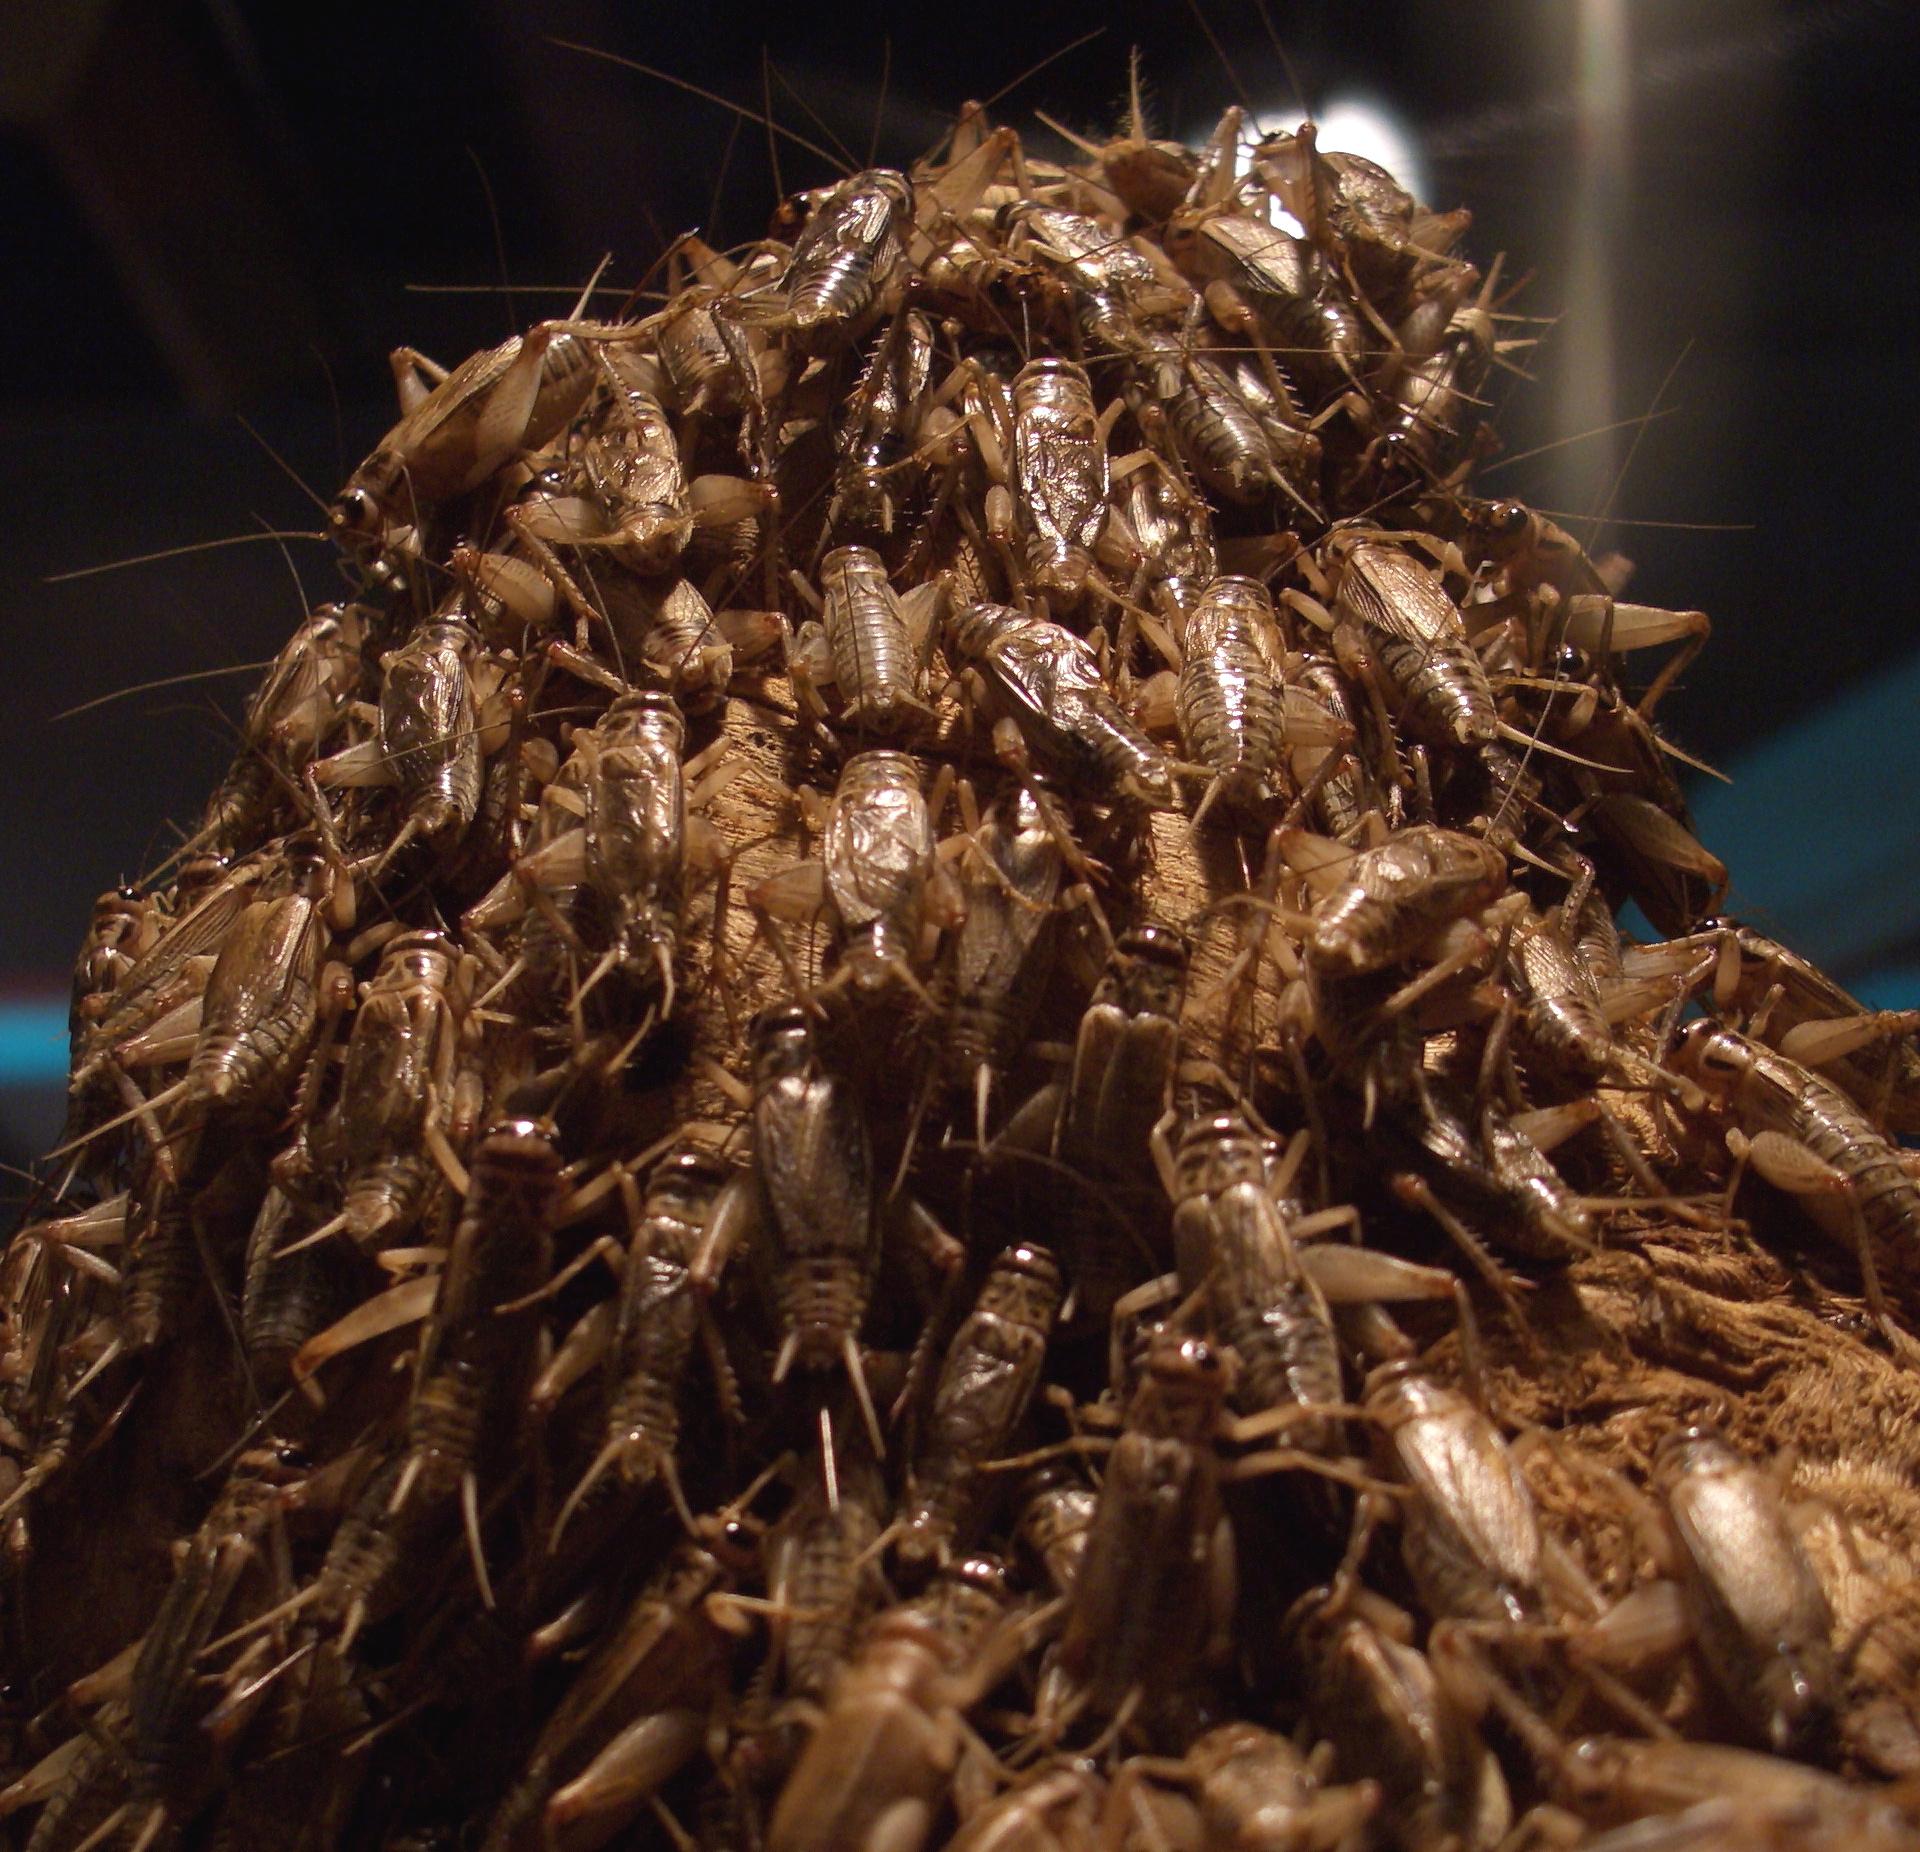 Sync-crickets